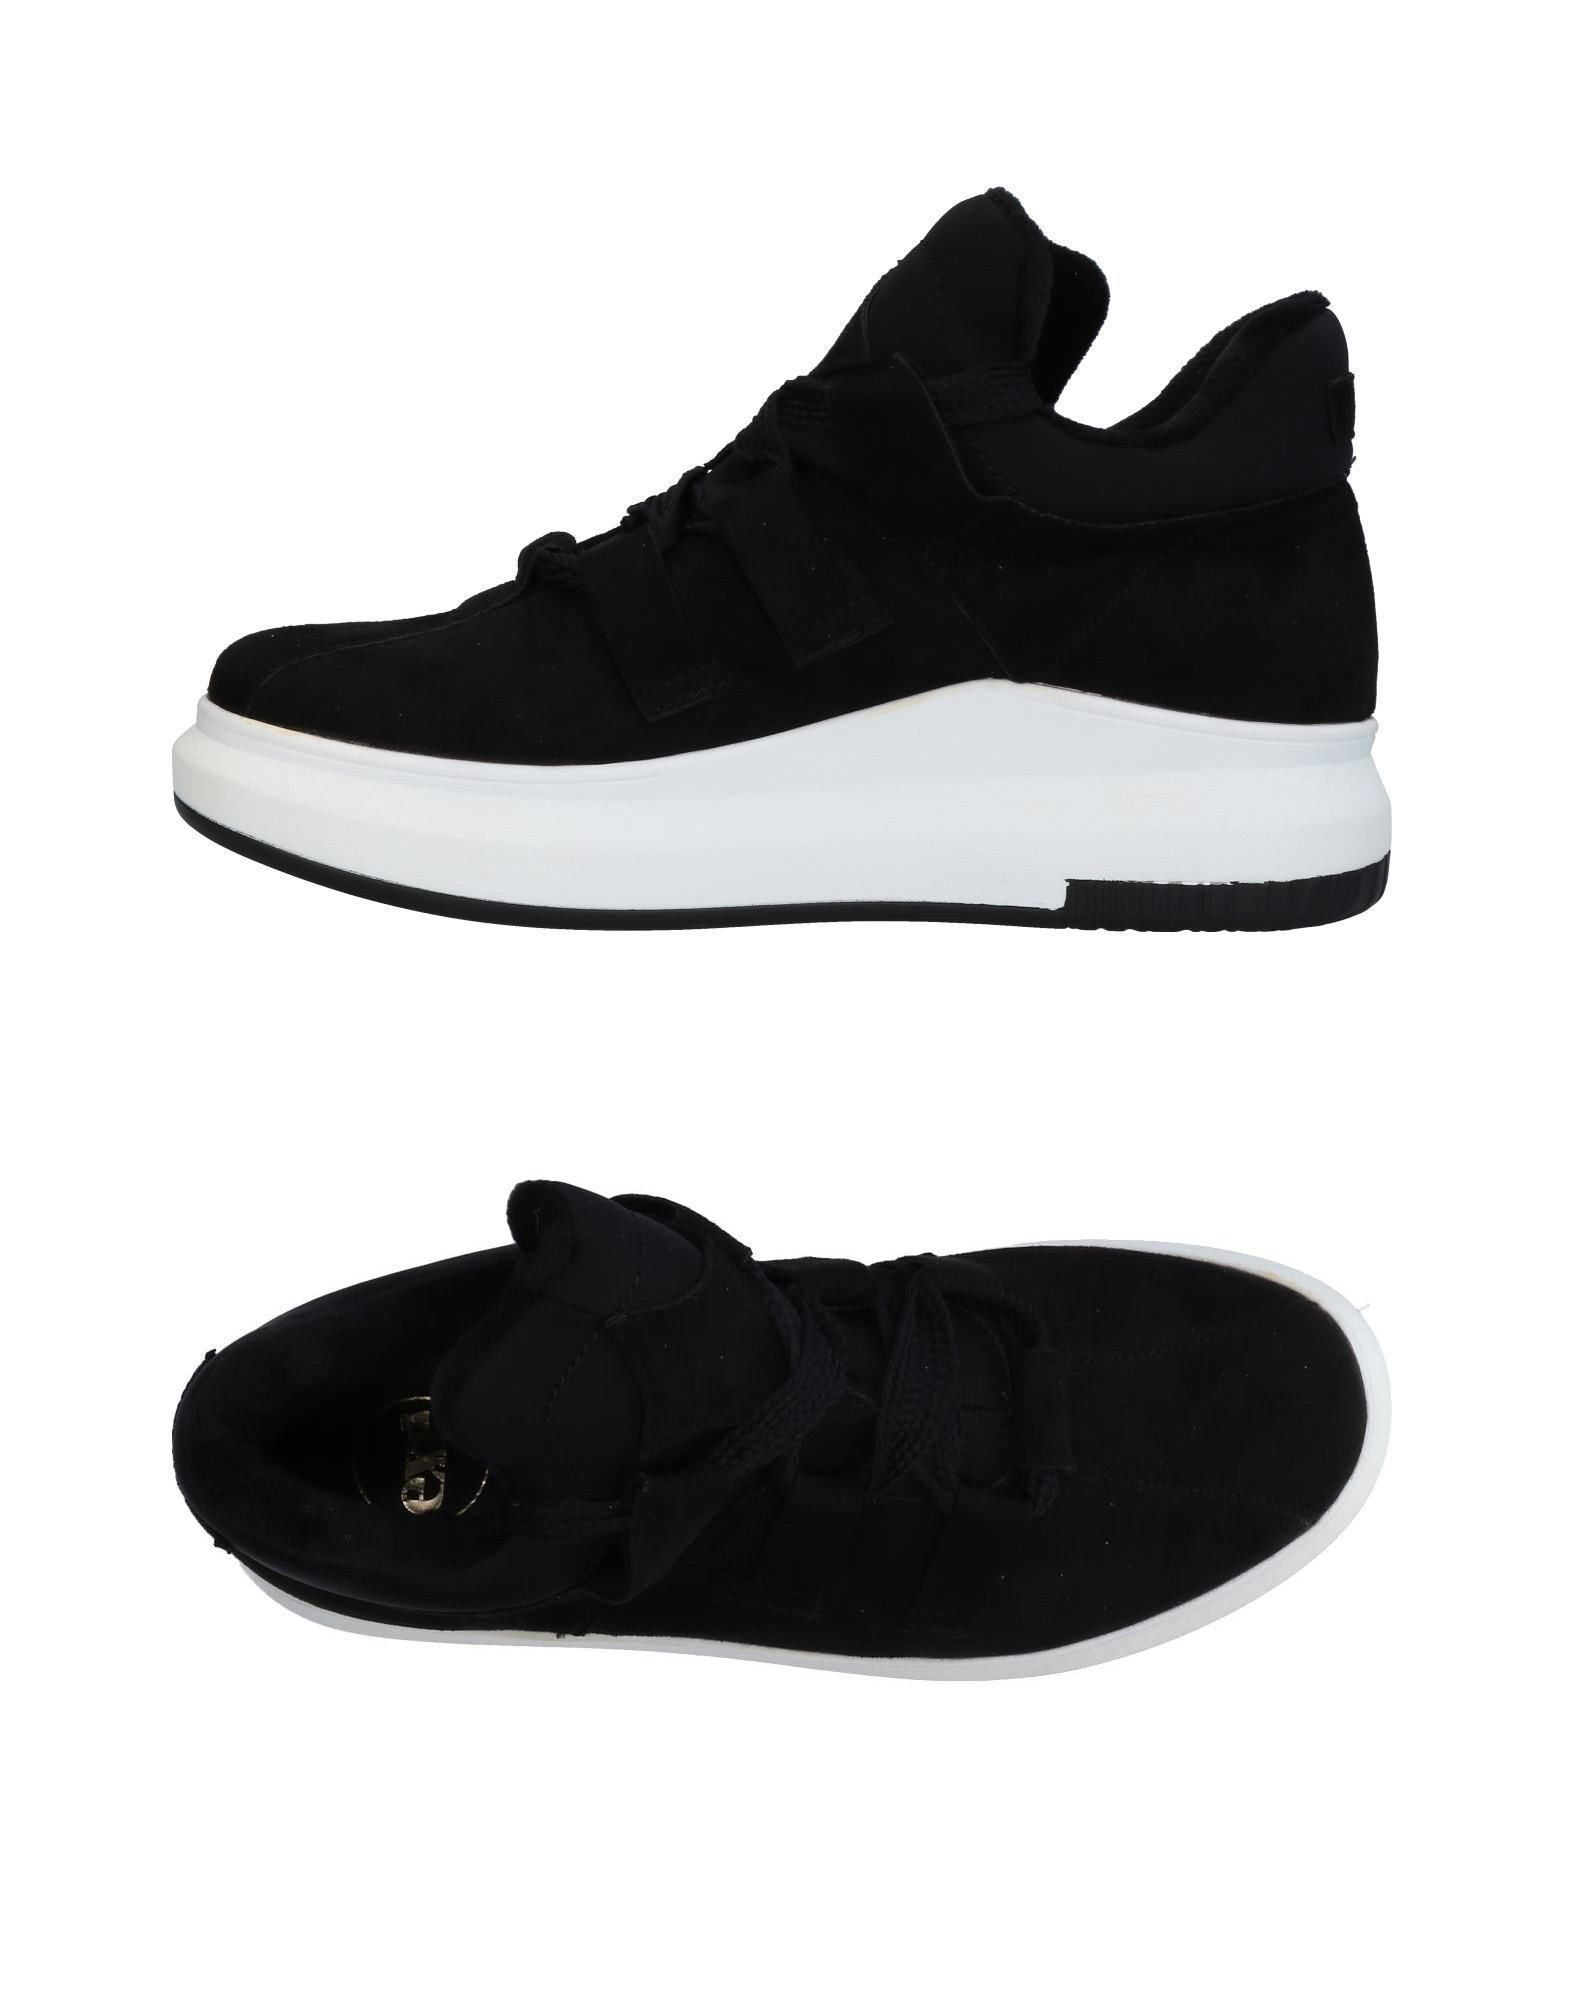 Exe' Sneakers Damen  11459487LR Gute Qualität beliebte Schuhe